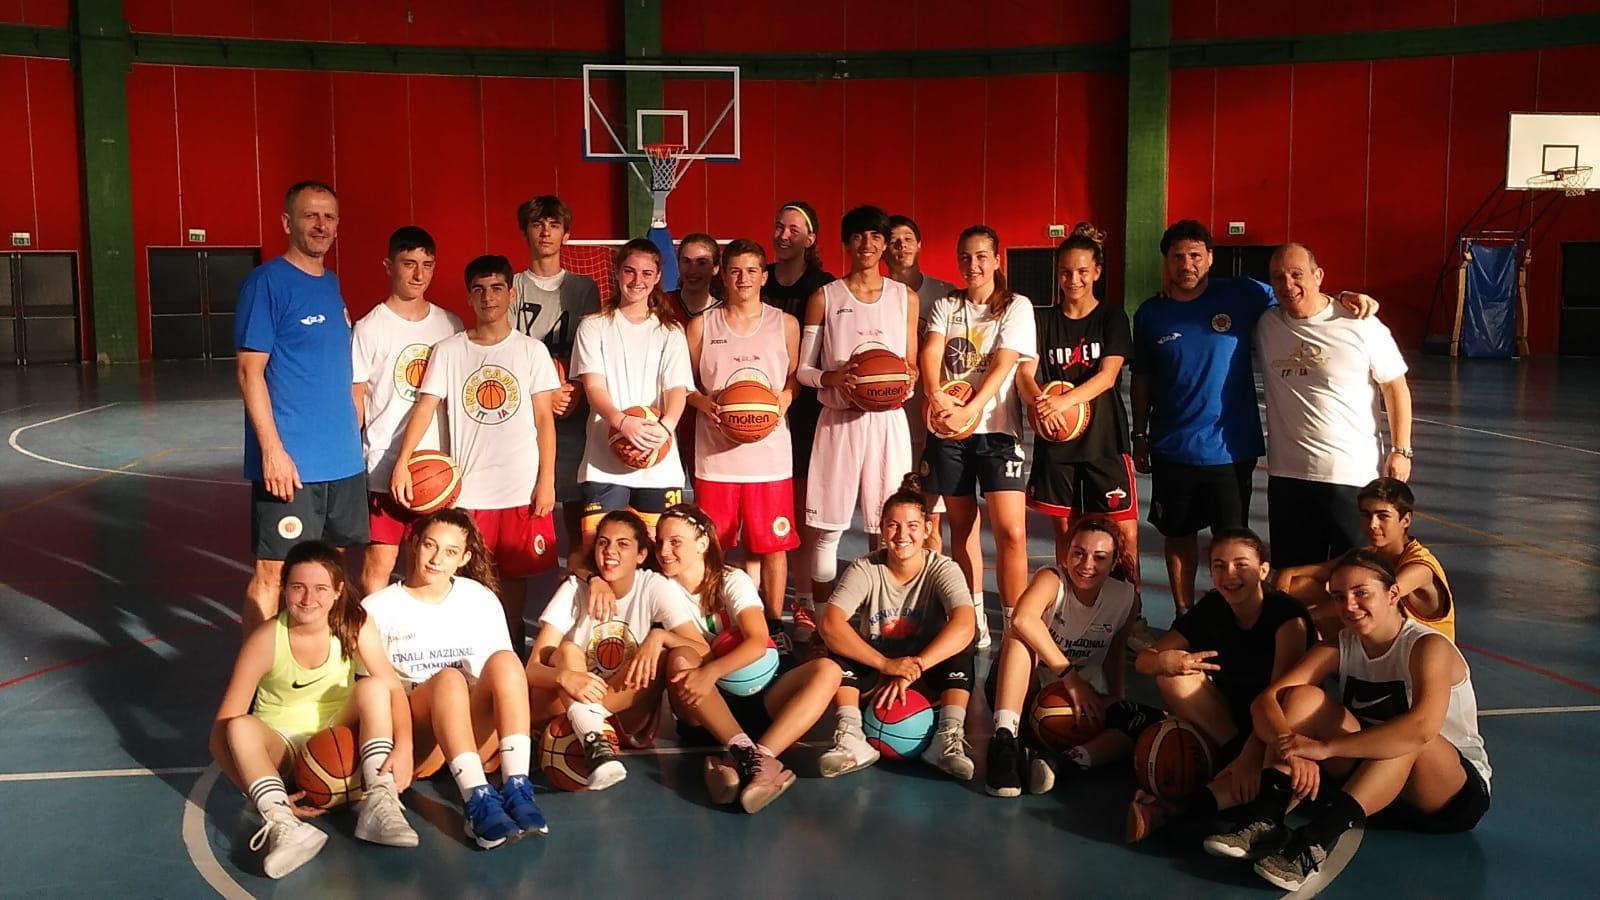 Giovanili Maschili Femminili 2018: una bellissima esperienza l'NBC CAMP a Castel di Sangro